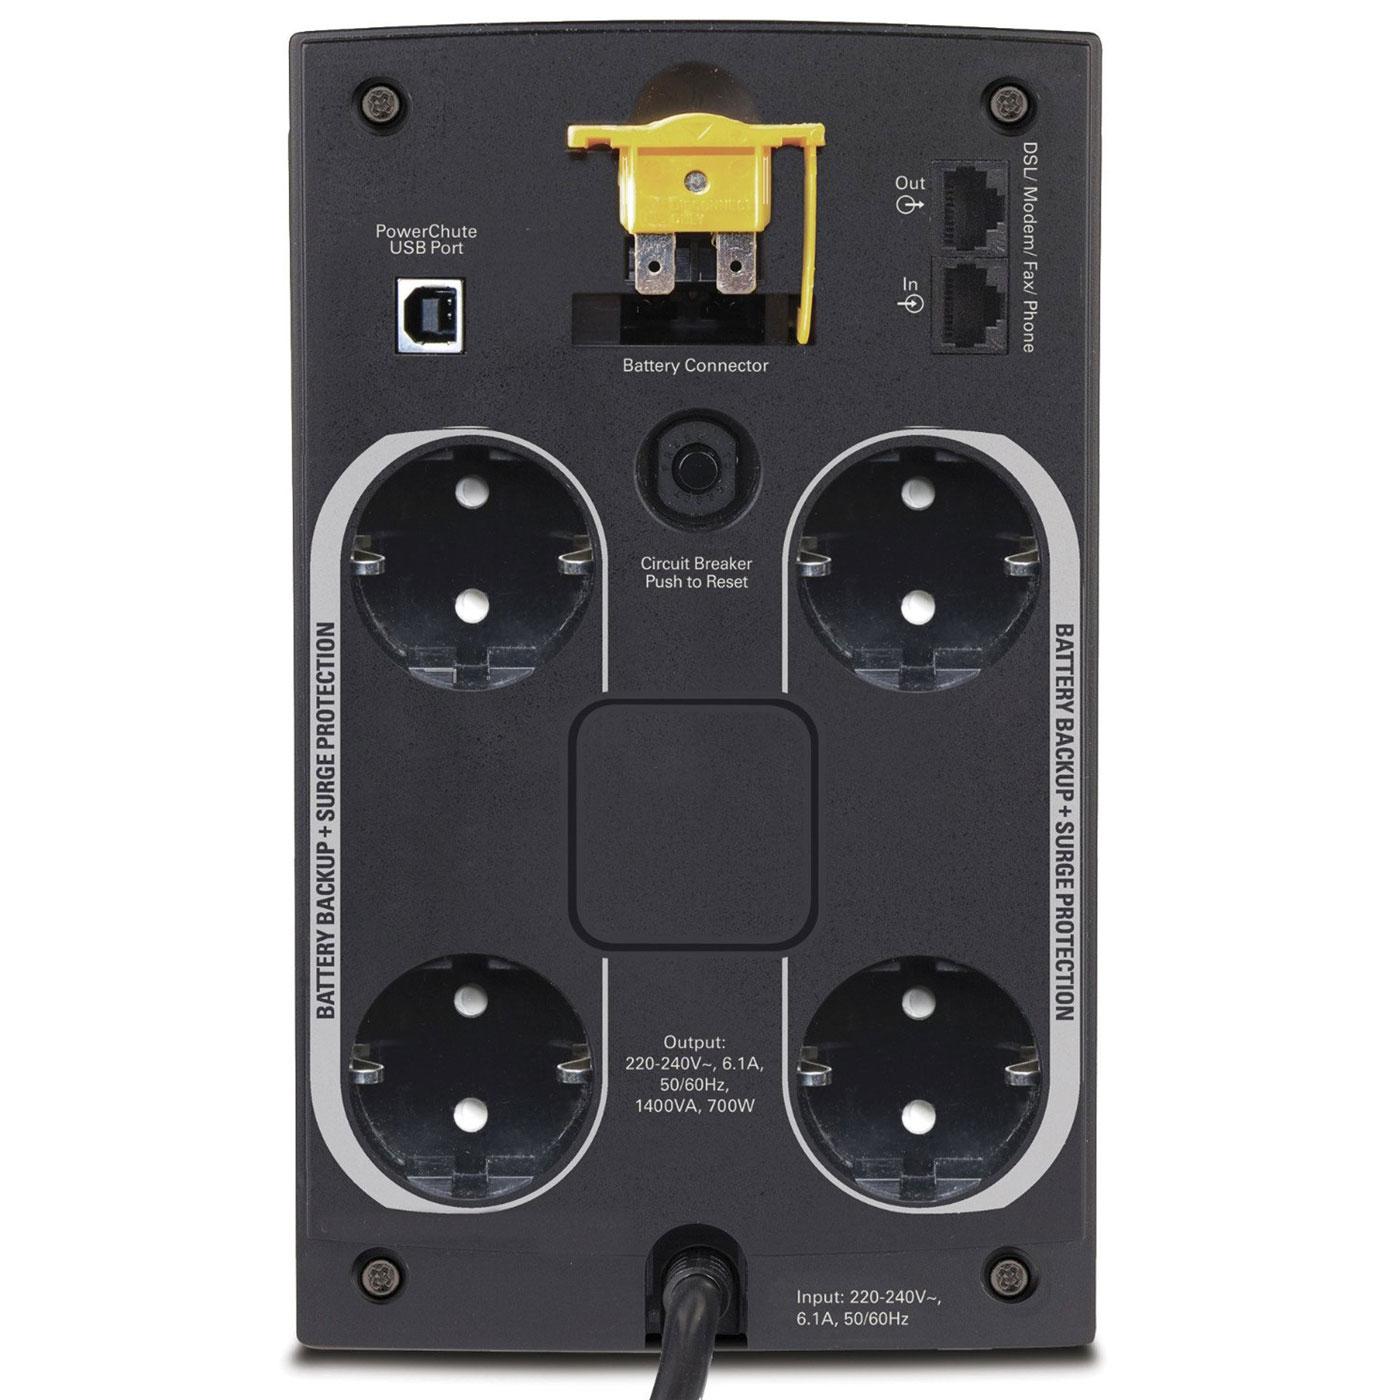 BX1400U-FR - 4 x FR - Onduleur APC - Cybertek.fr - 1